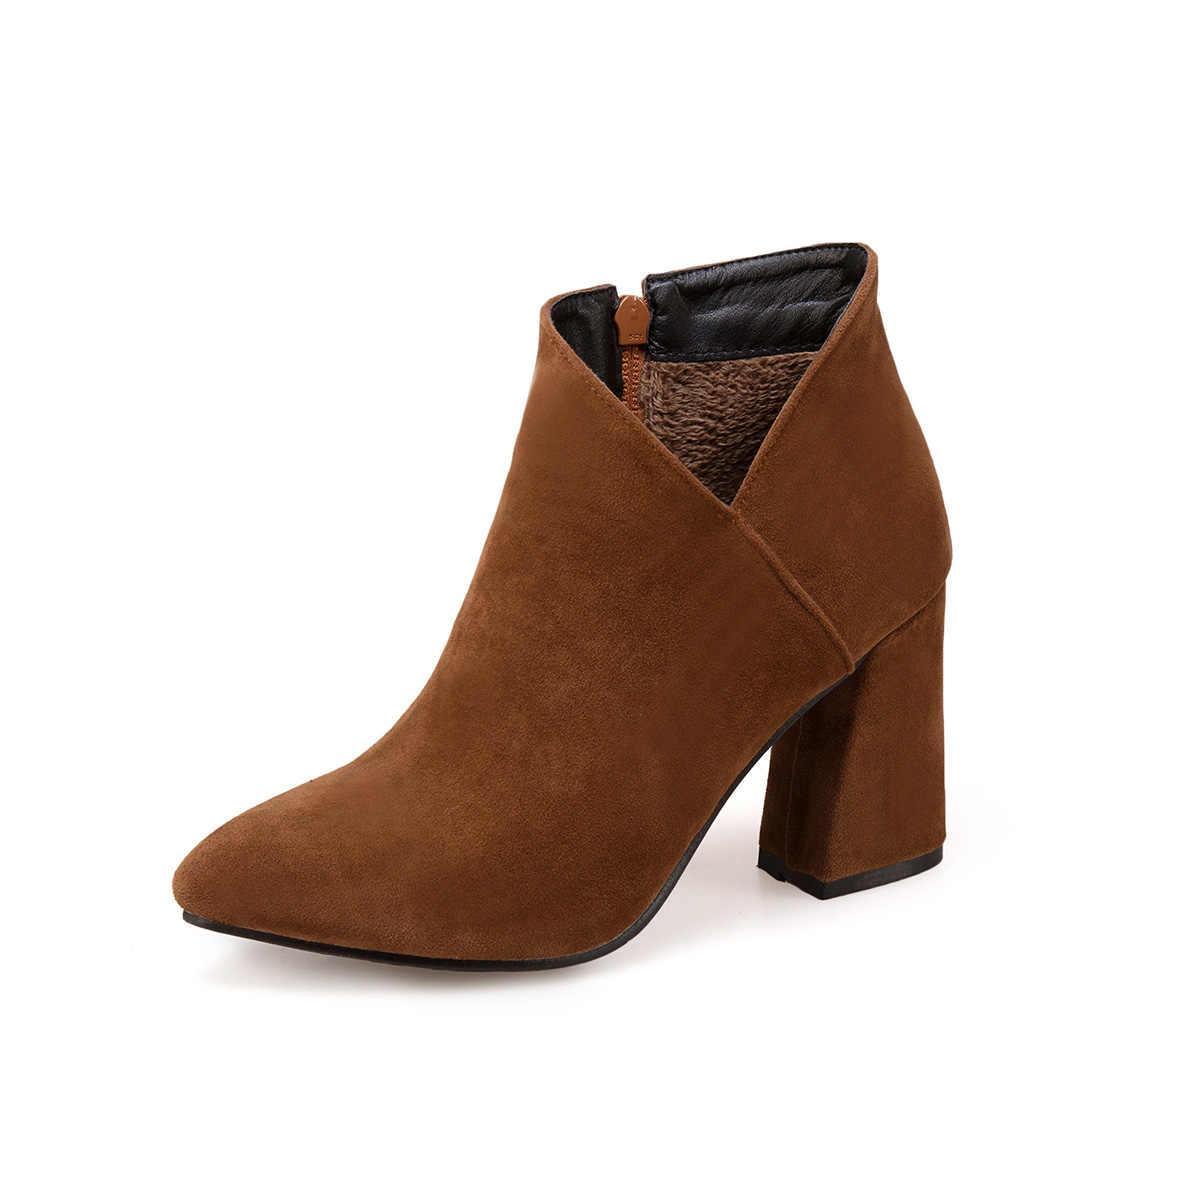 Kadın Akın Deri yarım çizmeler Toynak Topuklu Moda Bootie Zip Sivri Burun Ayak Kış Bayan Ayakkabıları Bej Siyah Sarı Drop Shipping